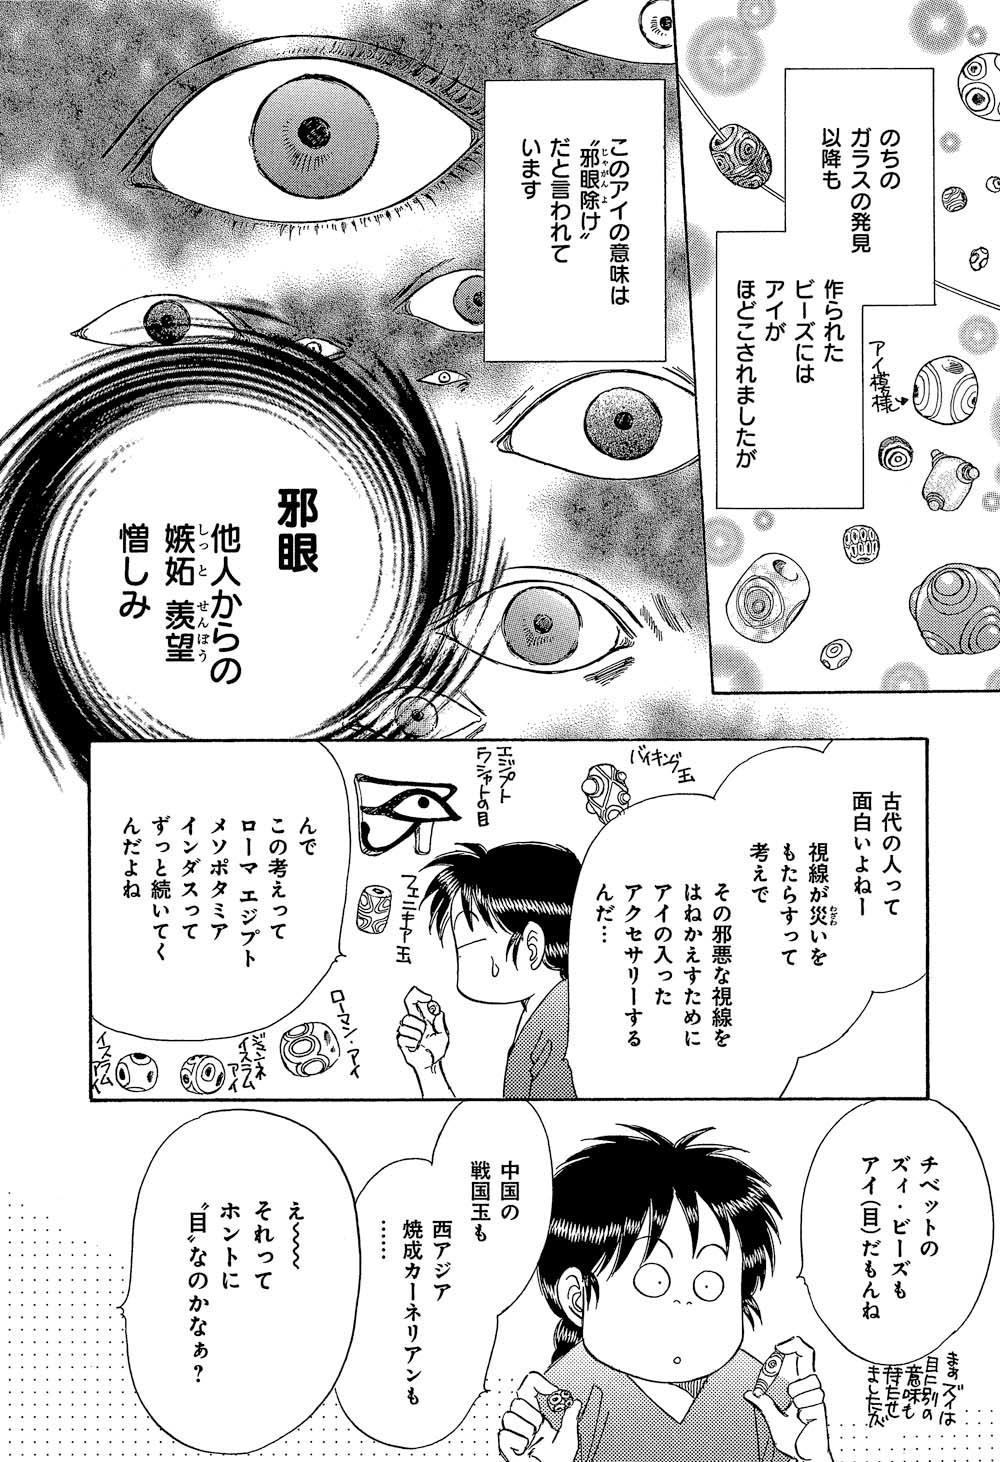 オカルト万華鏡01_093.jpg